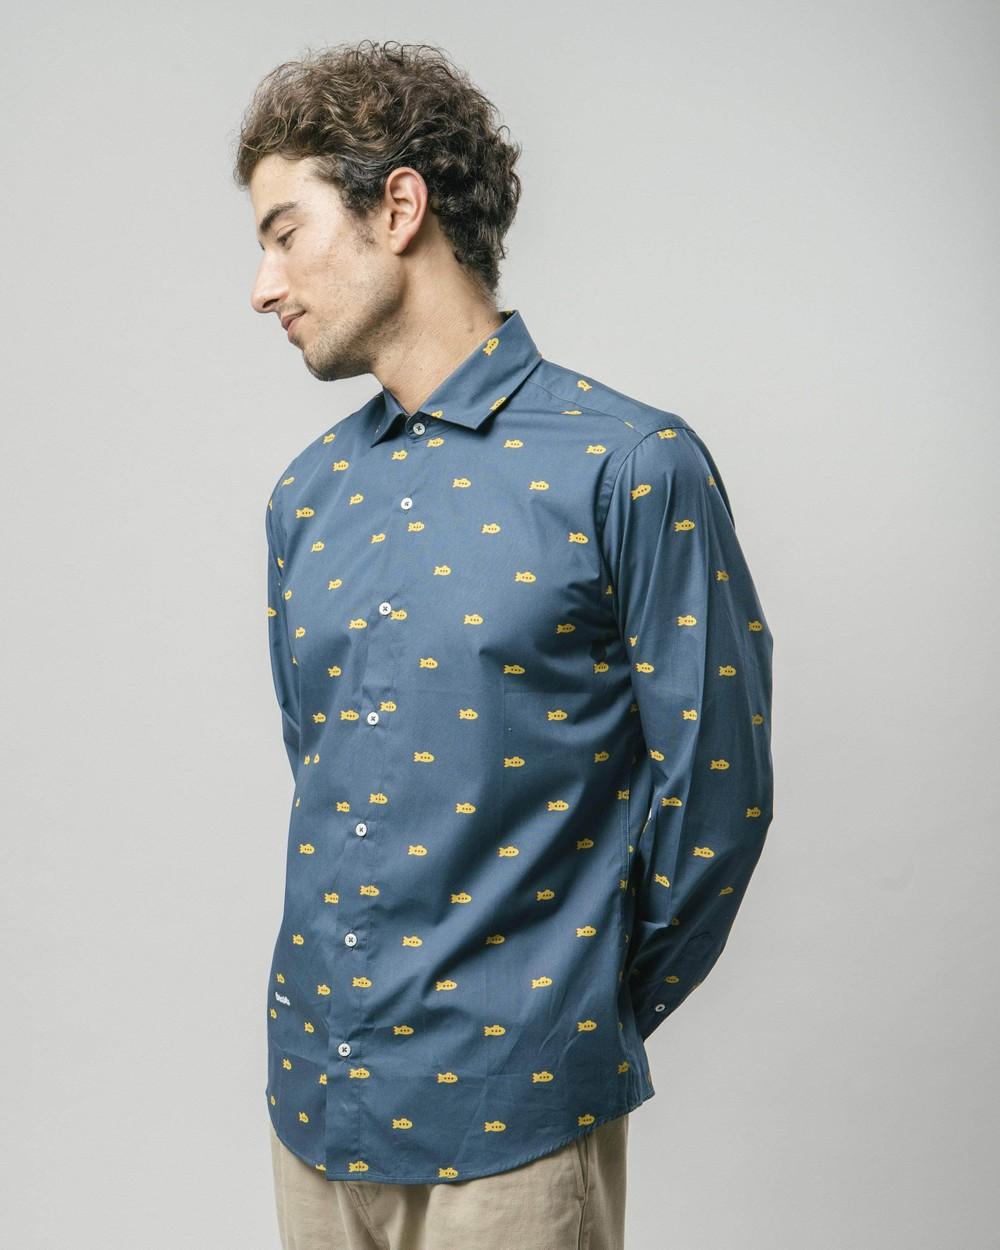 Yellow submarine printed shirt - Brava Fabrics